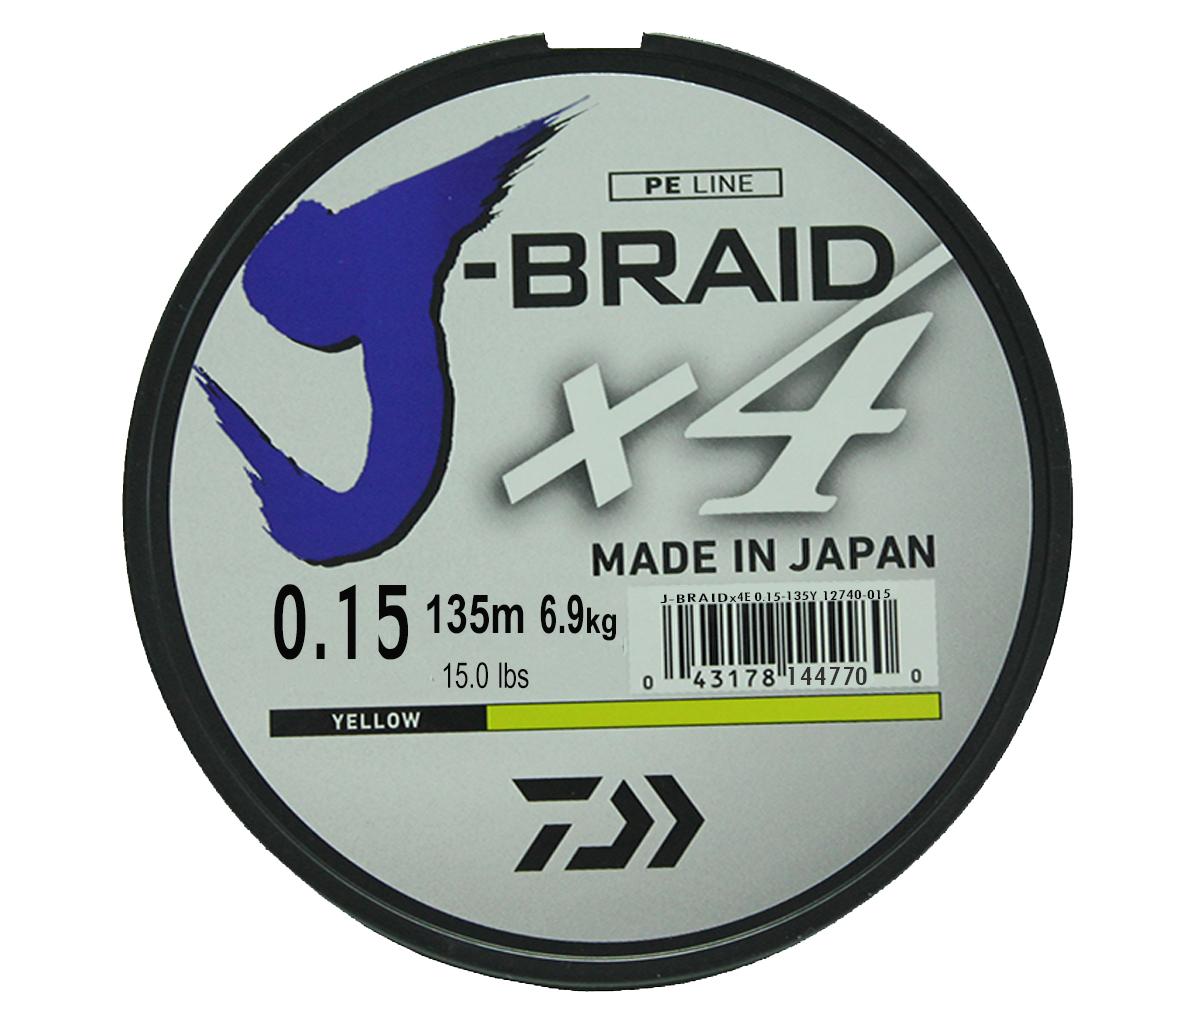 Шнур плетеный Daiwa J-Braid X4, цвет: флуоресцентный желтый, 135 м, 0,15 мм010-01199-23Новый 4х жильный шнур J-Braid, DAIWA - шнур высокого класса с удивительным соотношением цены и качества. Качество плетения полностьюсоответствует японским стандартам и удовлетворяет всем требованиям. Представленные диаметры позволяют использовать шнур для всех техникловли, начиная от ultra- light ловли окуня, до морской ловли палтуса, трески и т.д